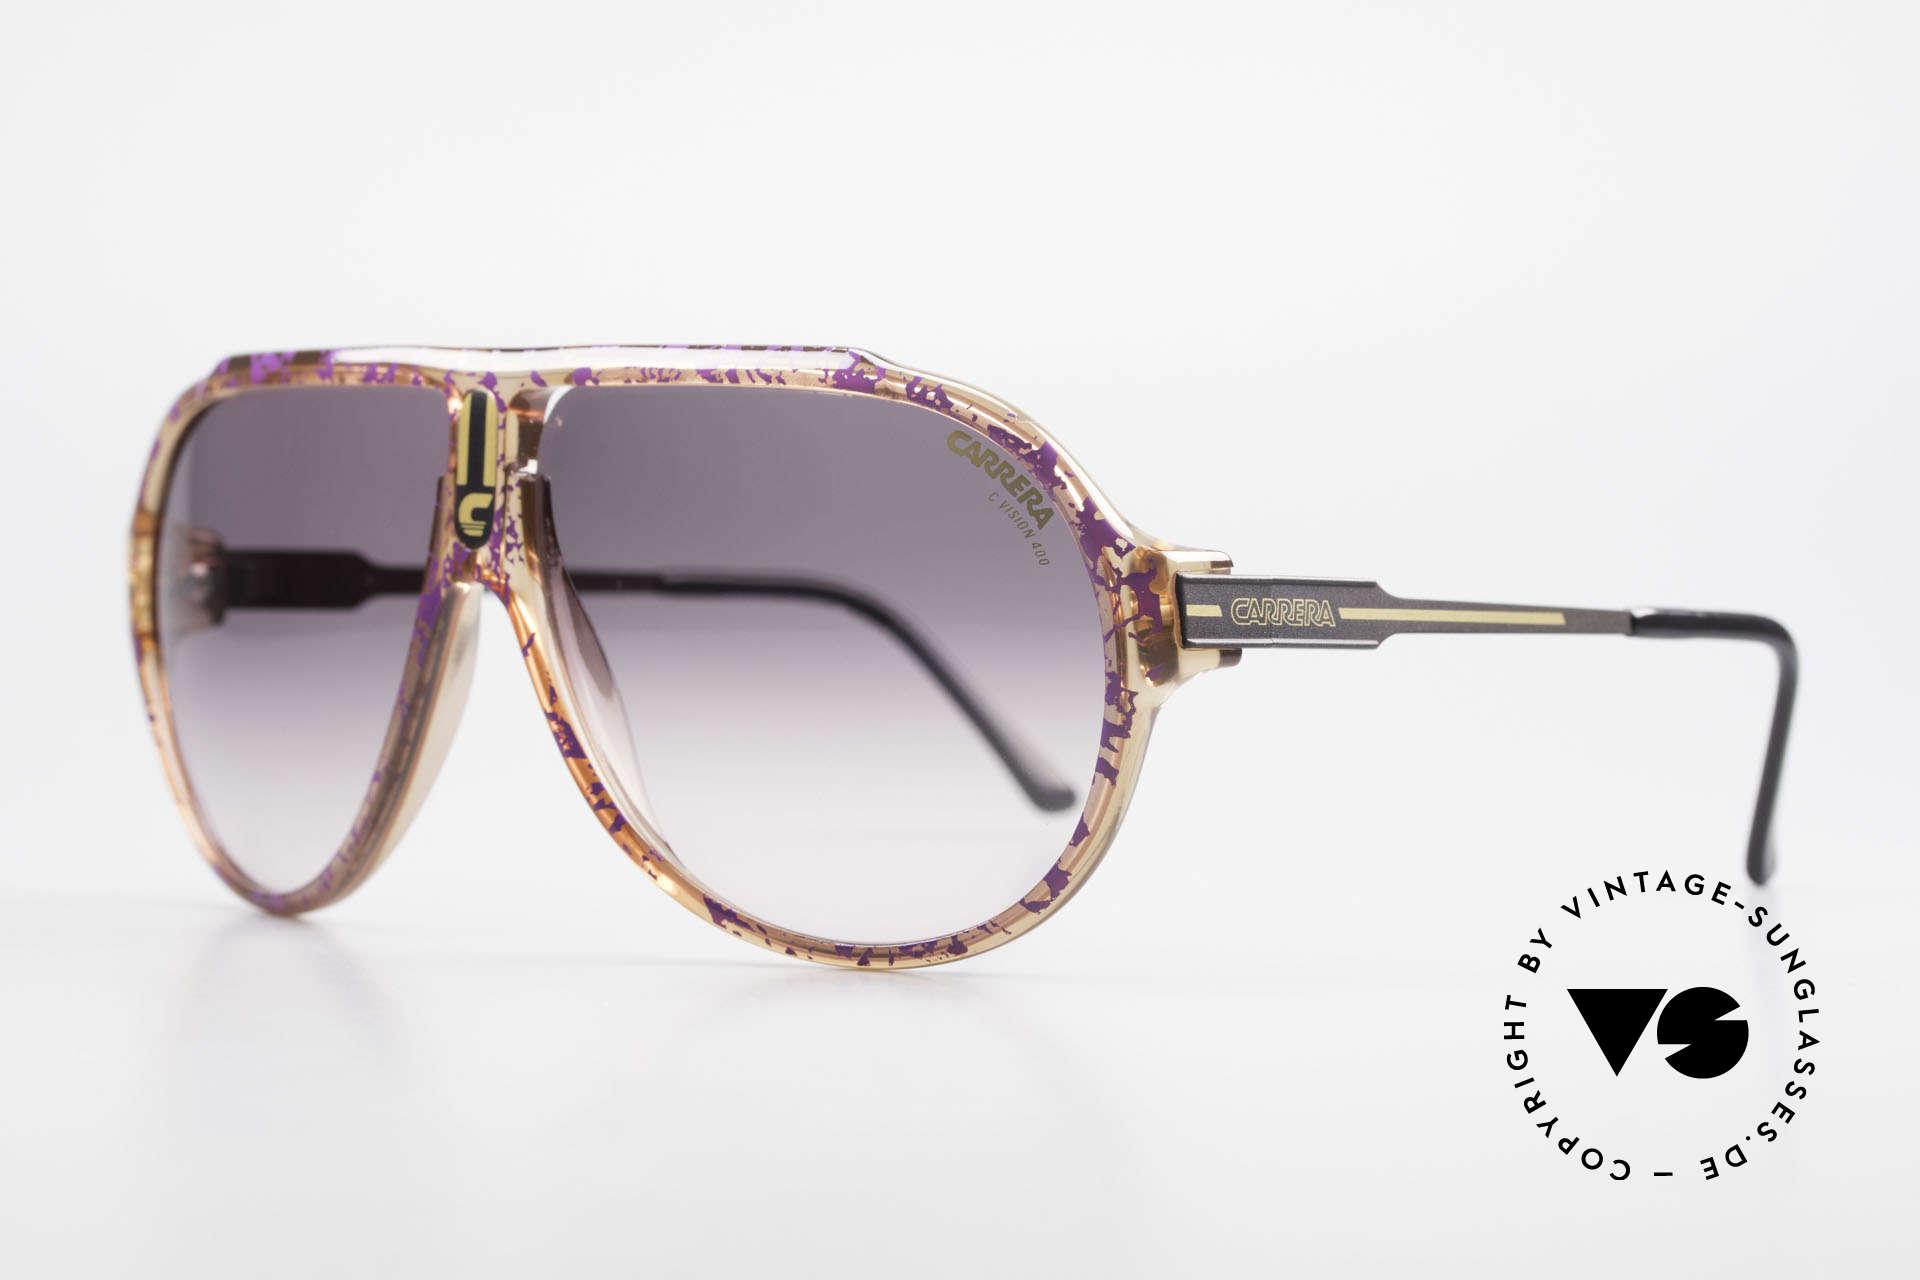 Carrera 5565 Alte Vintage 80er Sonnenbrille, mehr Qualität und Tragekomfort geht einfach nicht, Passend für Herren und Damen